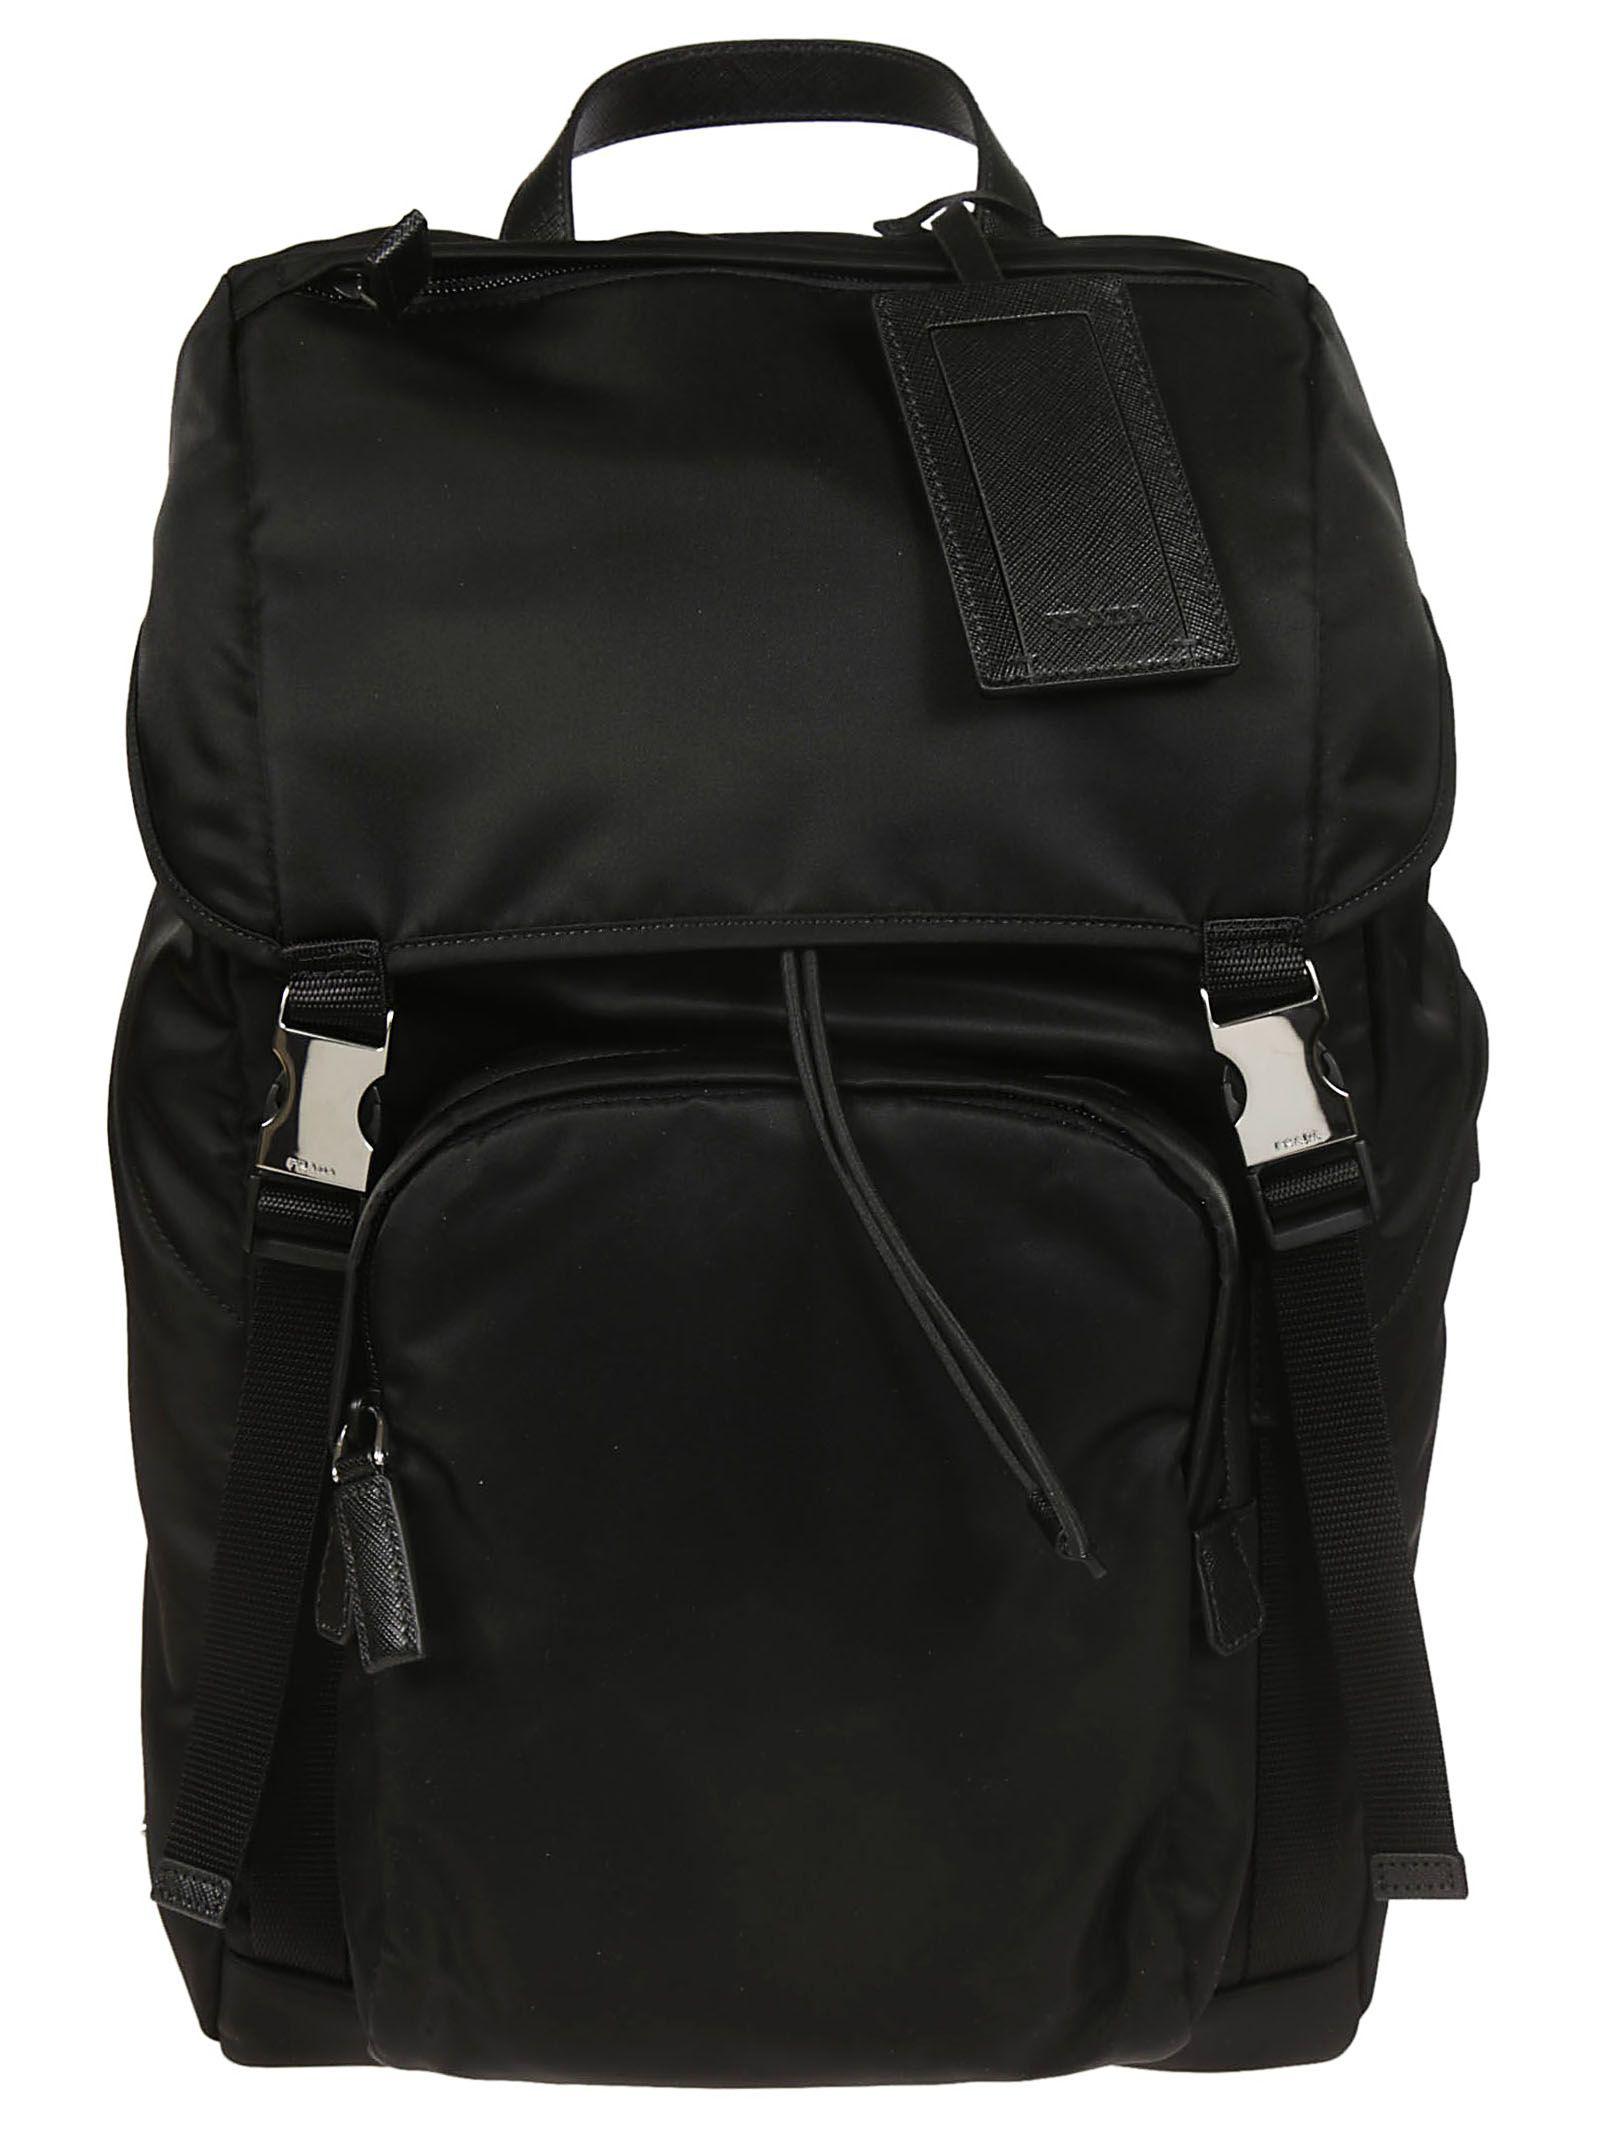 1475dcd94544 Prada Utility Backpack - Black | ModeSens